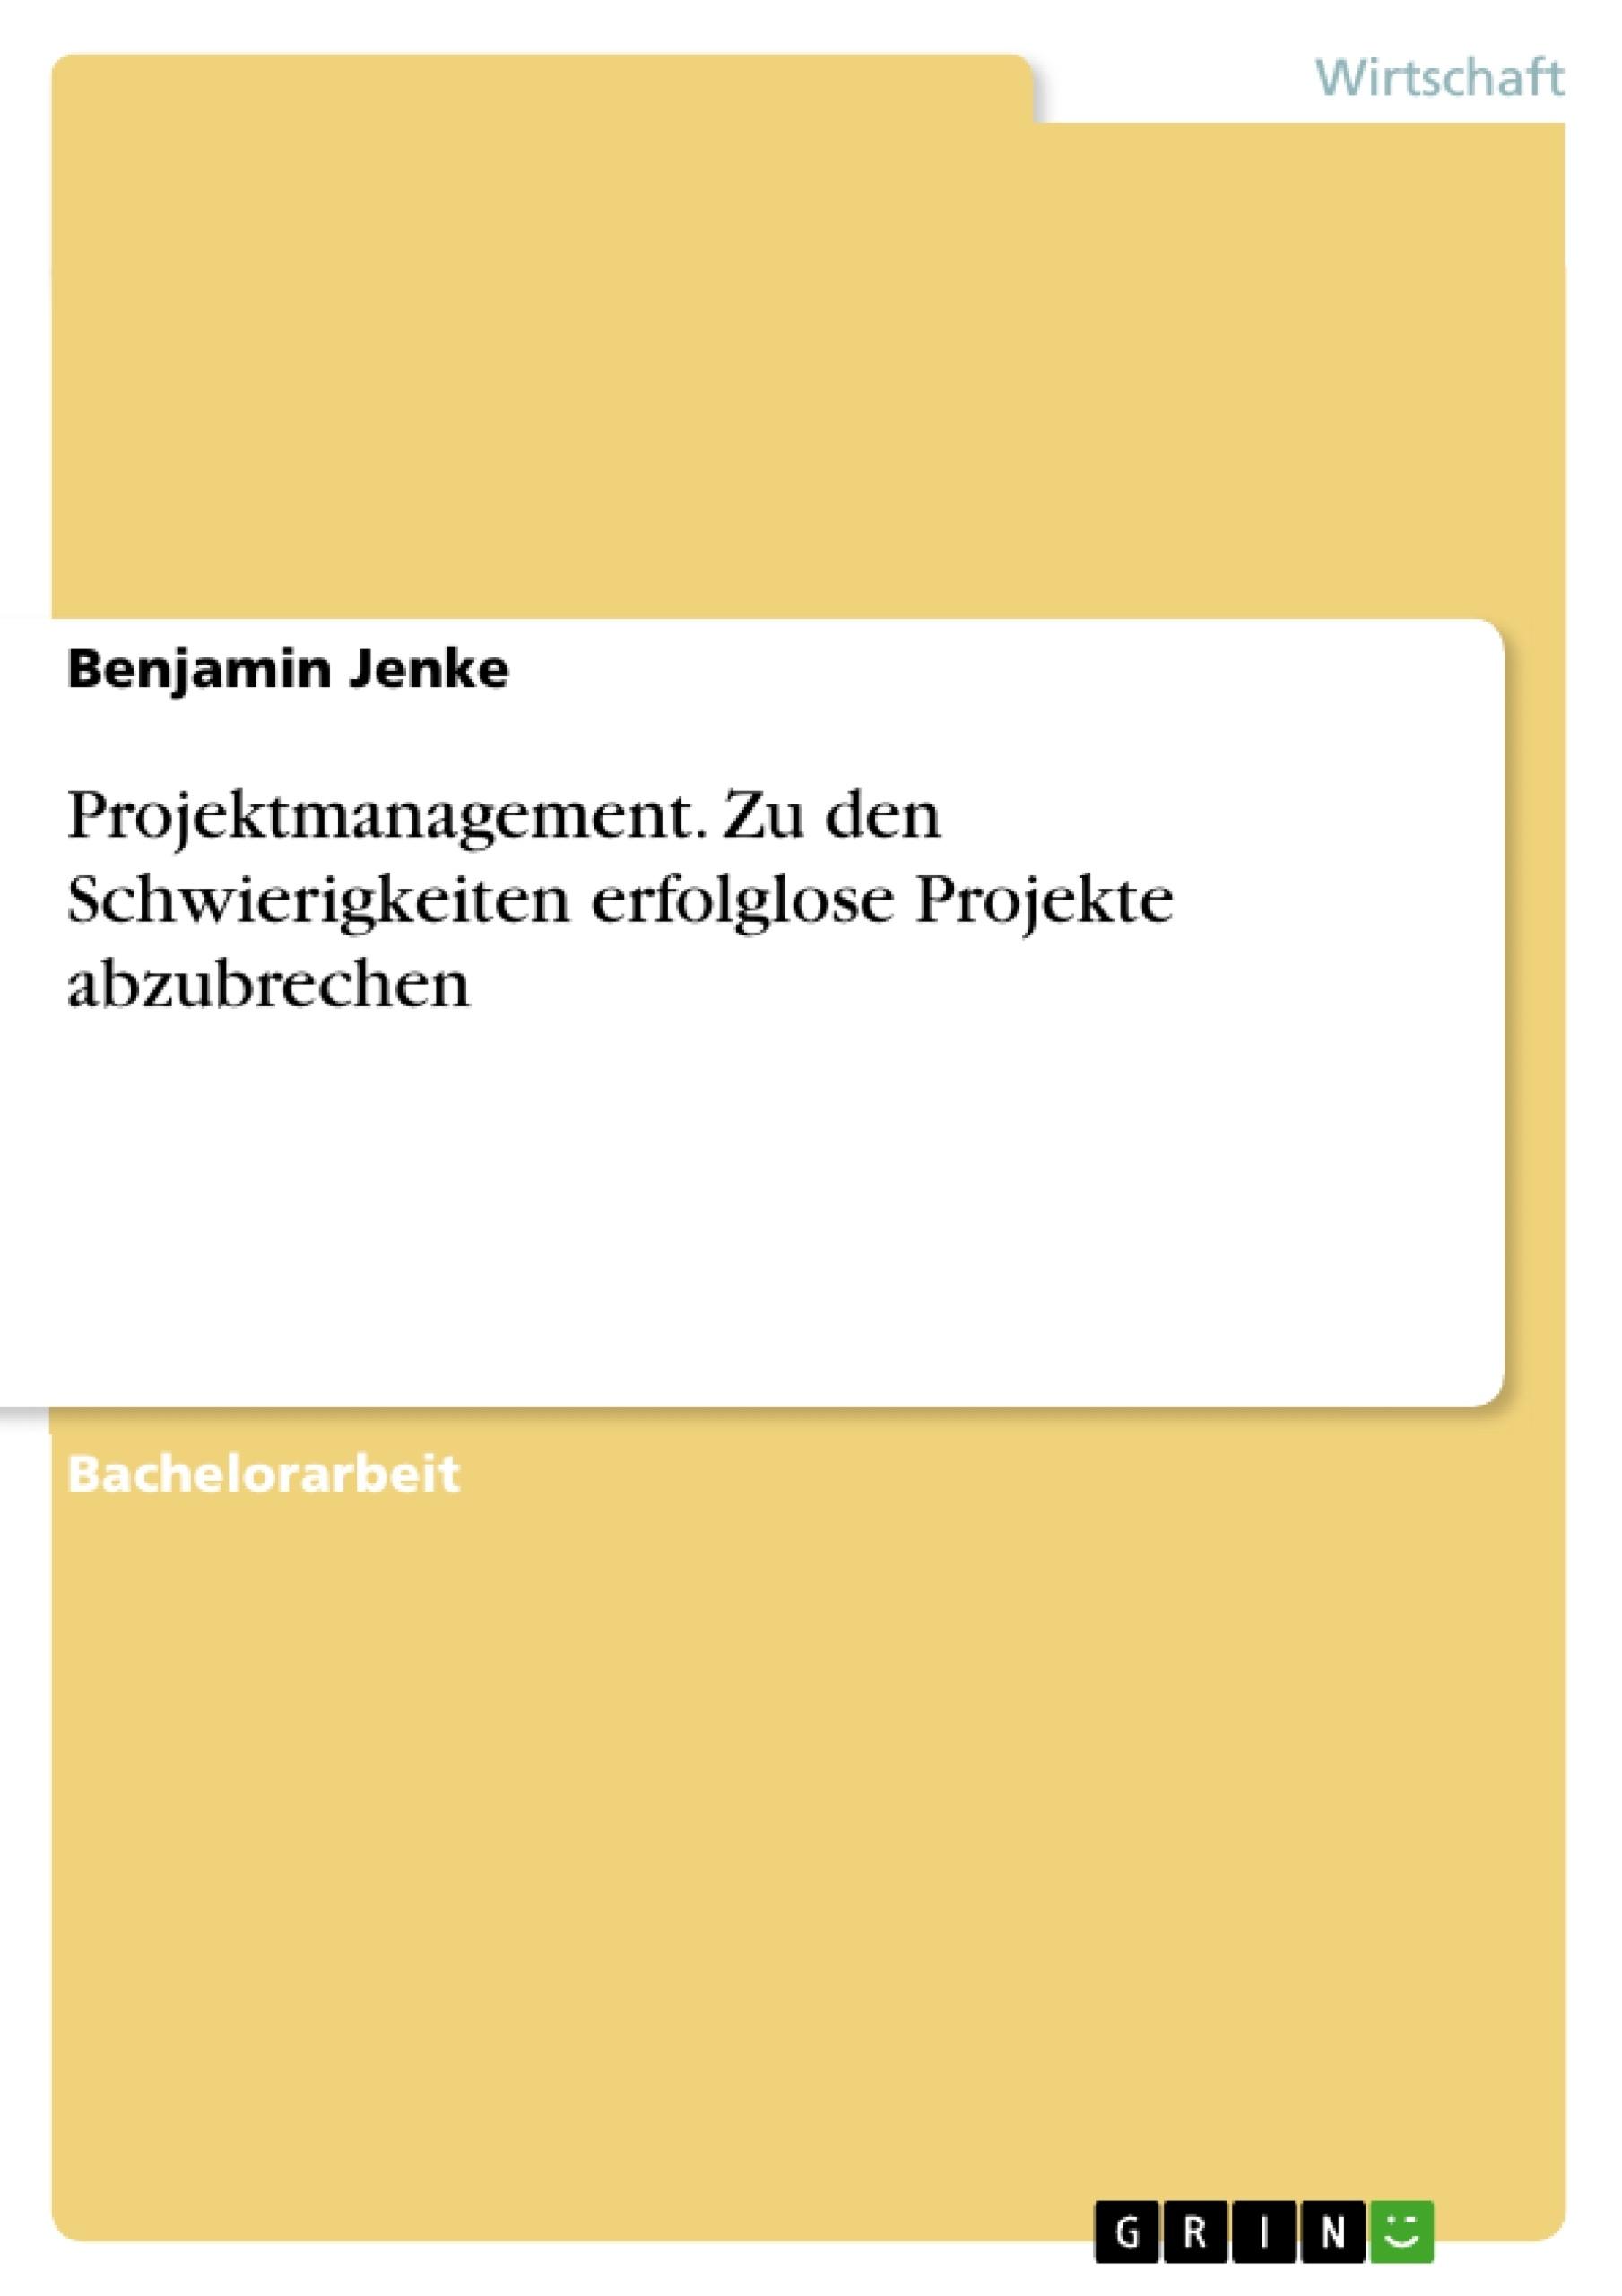 Titel: Projektmanagement. Zu den Schwierigkeiten erfolglose Projekte abzubrechen